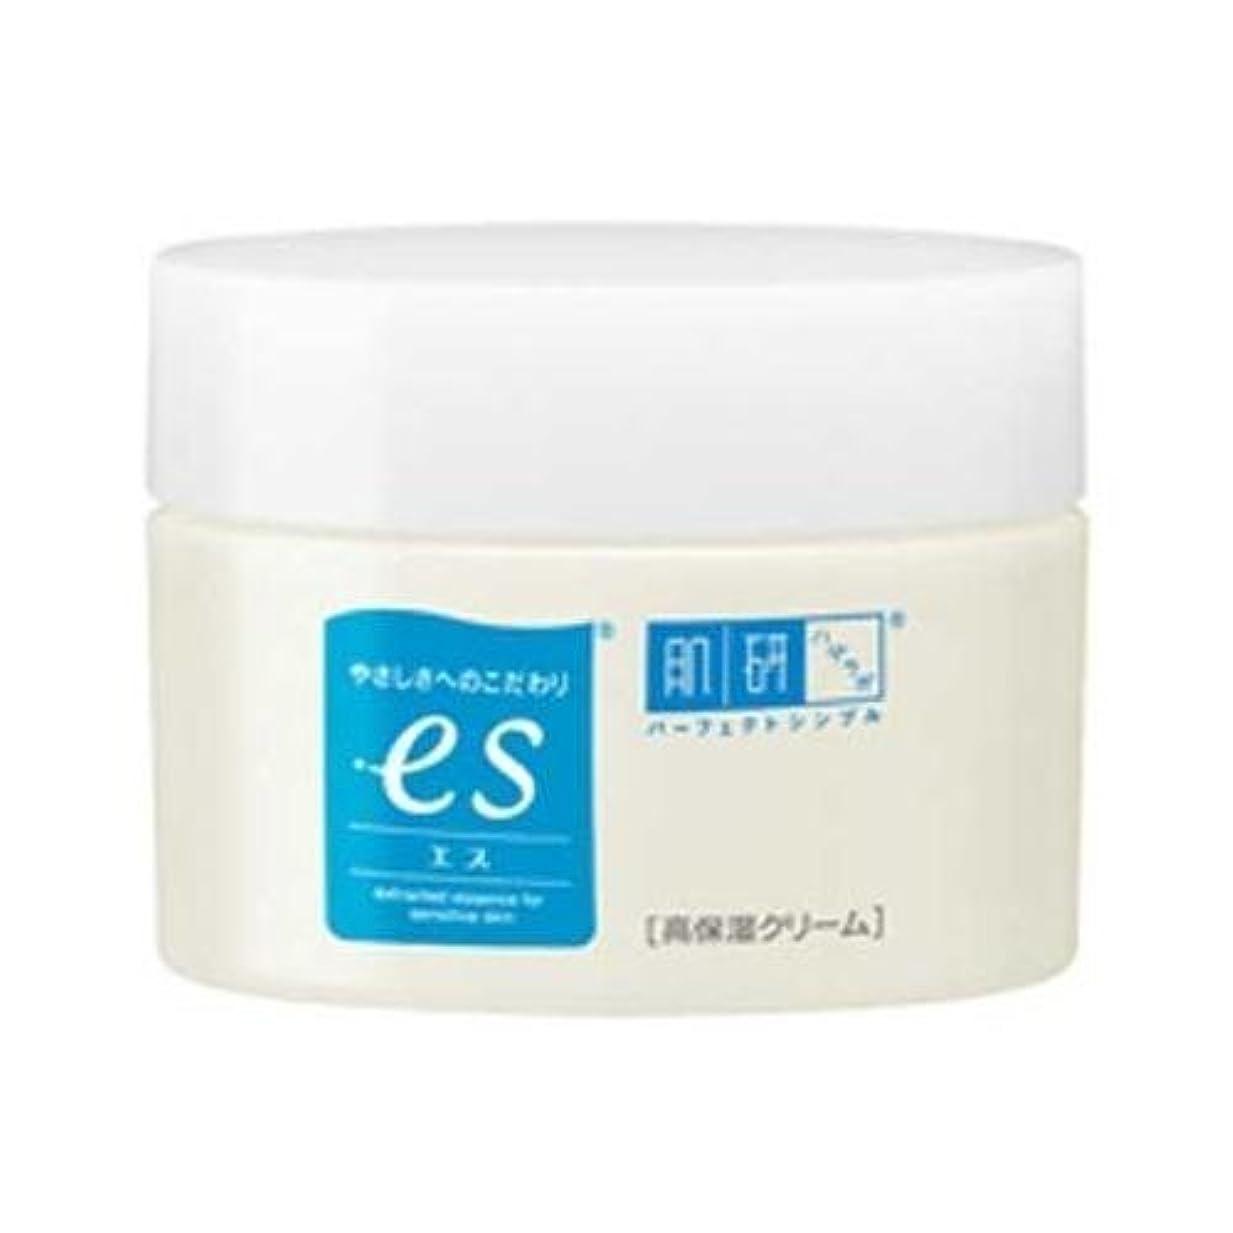 びっくり呼び起こす敵肌ラボ es(エス) ナノ化ミネラルヒアルロン酸配合 無添加処方 高保湿クリーム 50g